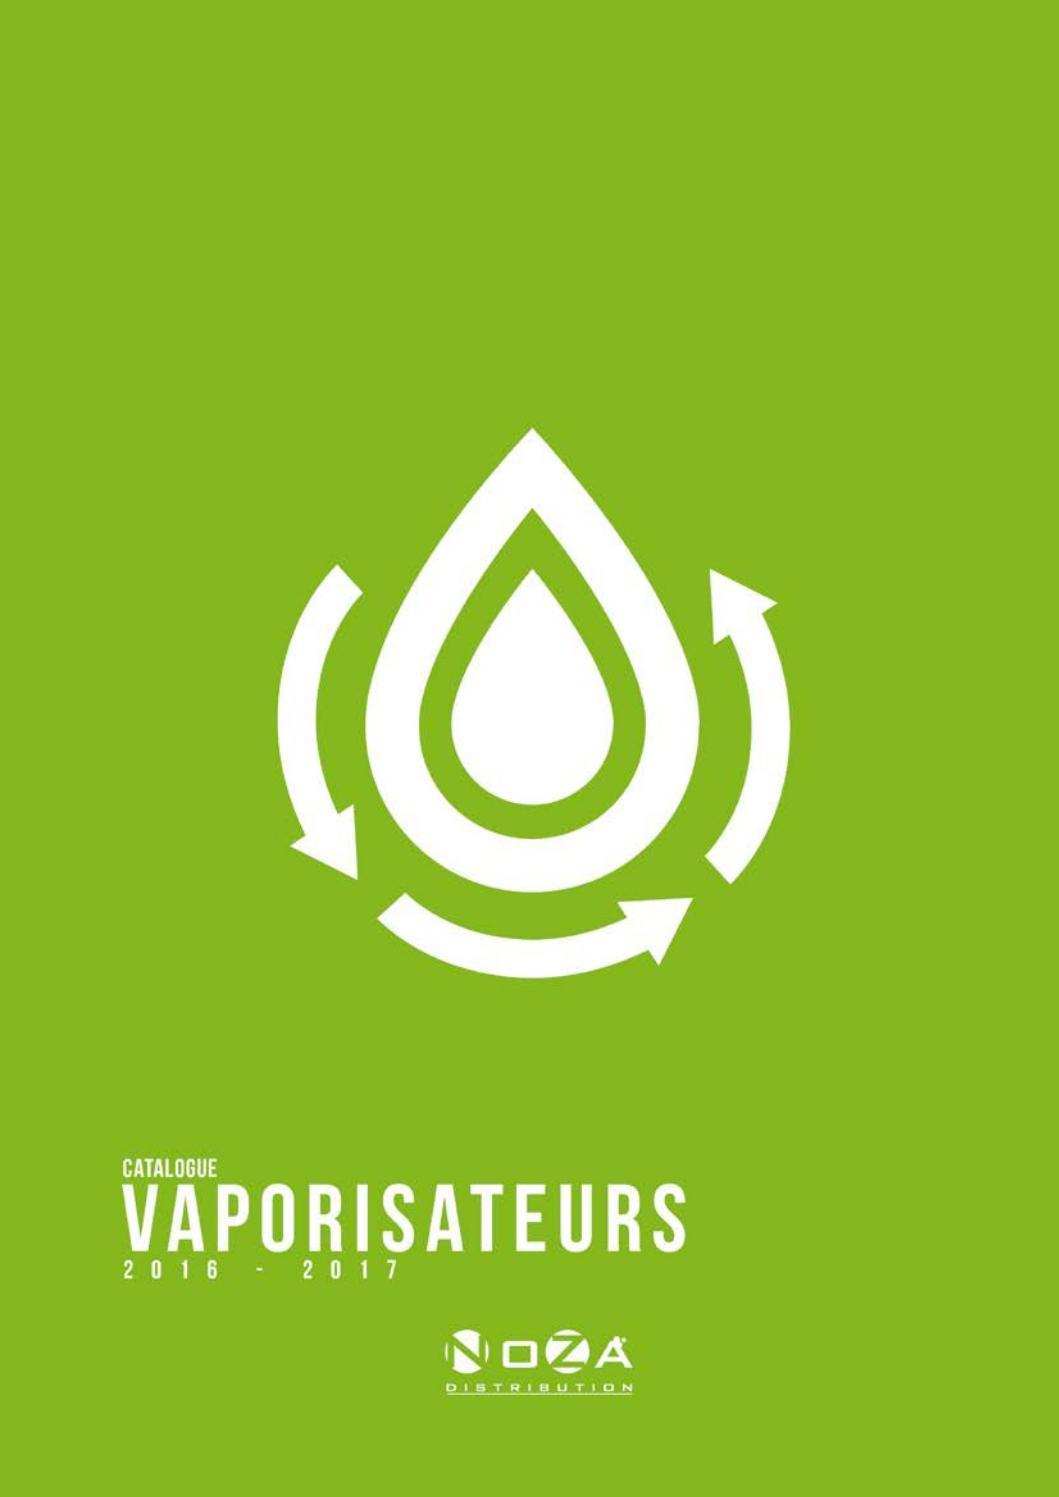 Couleurs aux Choix Grinder Color Polinator Delux 40 MM Moulin à Tabac